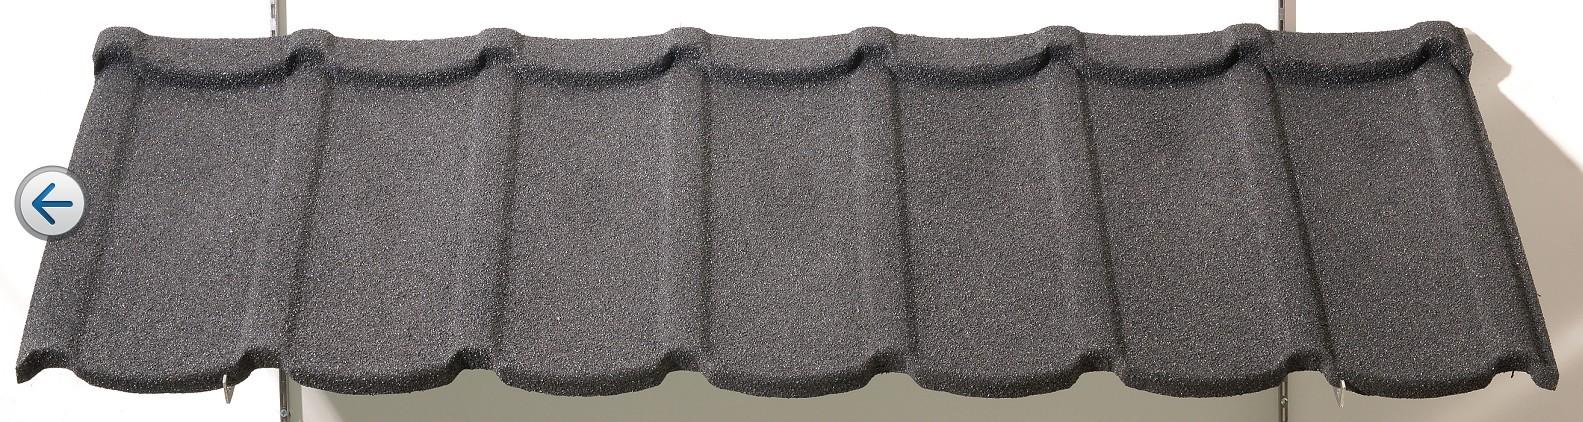 custom waterproof metal roof stone supply for Hotel-7